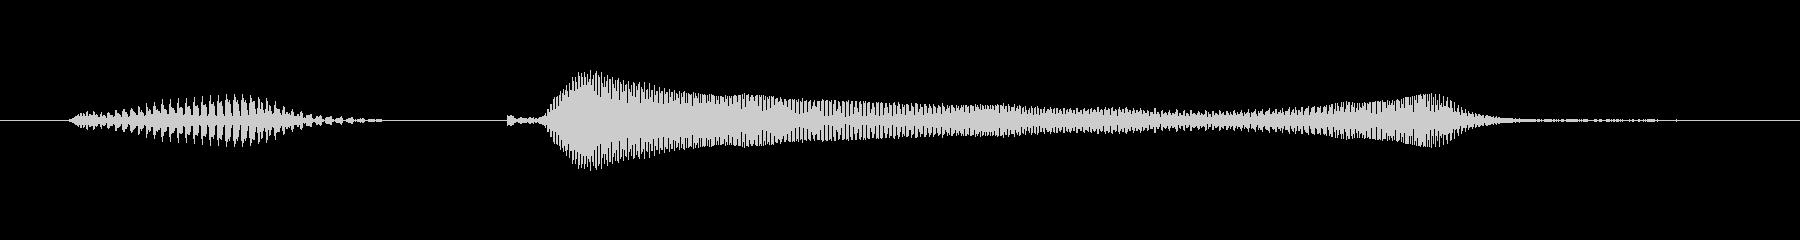 いくわよ!(Type-C)の未再生の波形